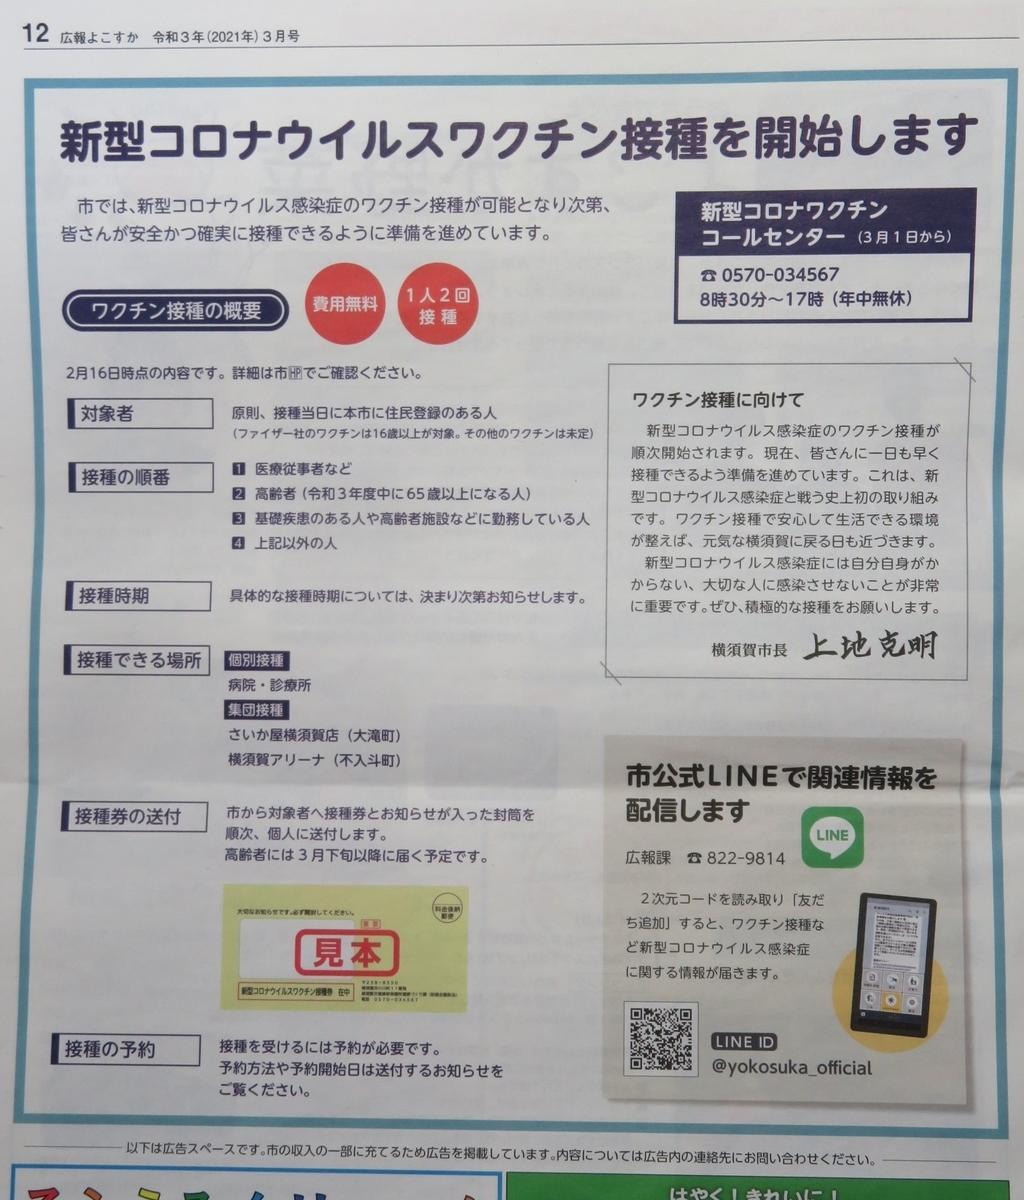 f:id:itsukofumiaki:20210307132655j:plain